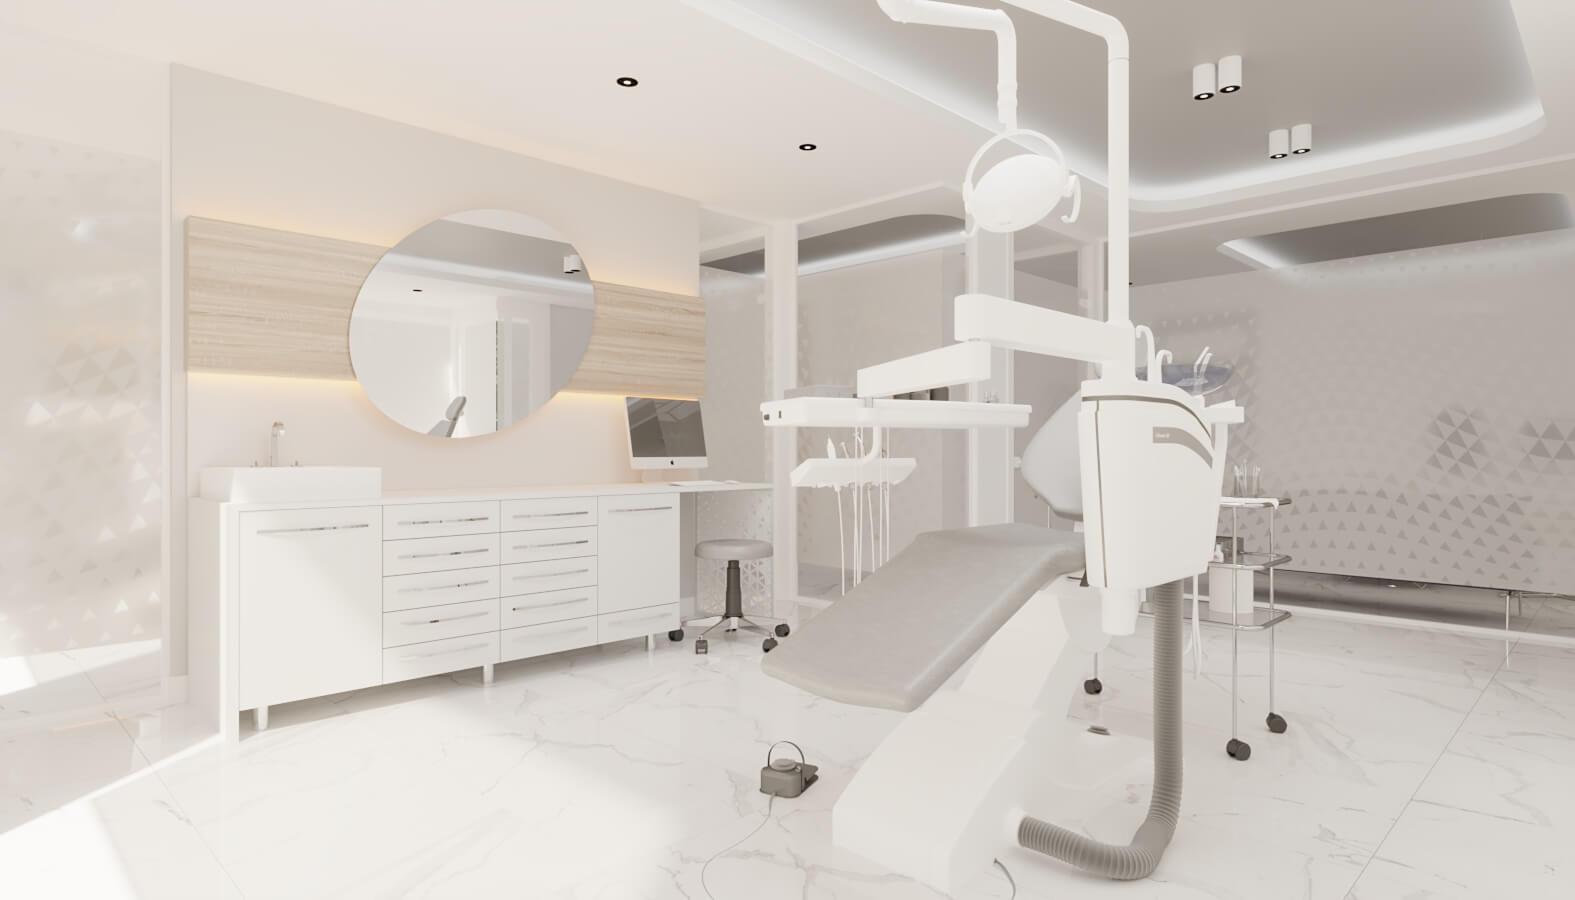 Surgery Clinic 4562 Ankara Dental Clinic Design Healthcare